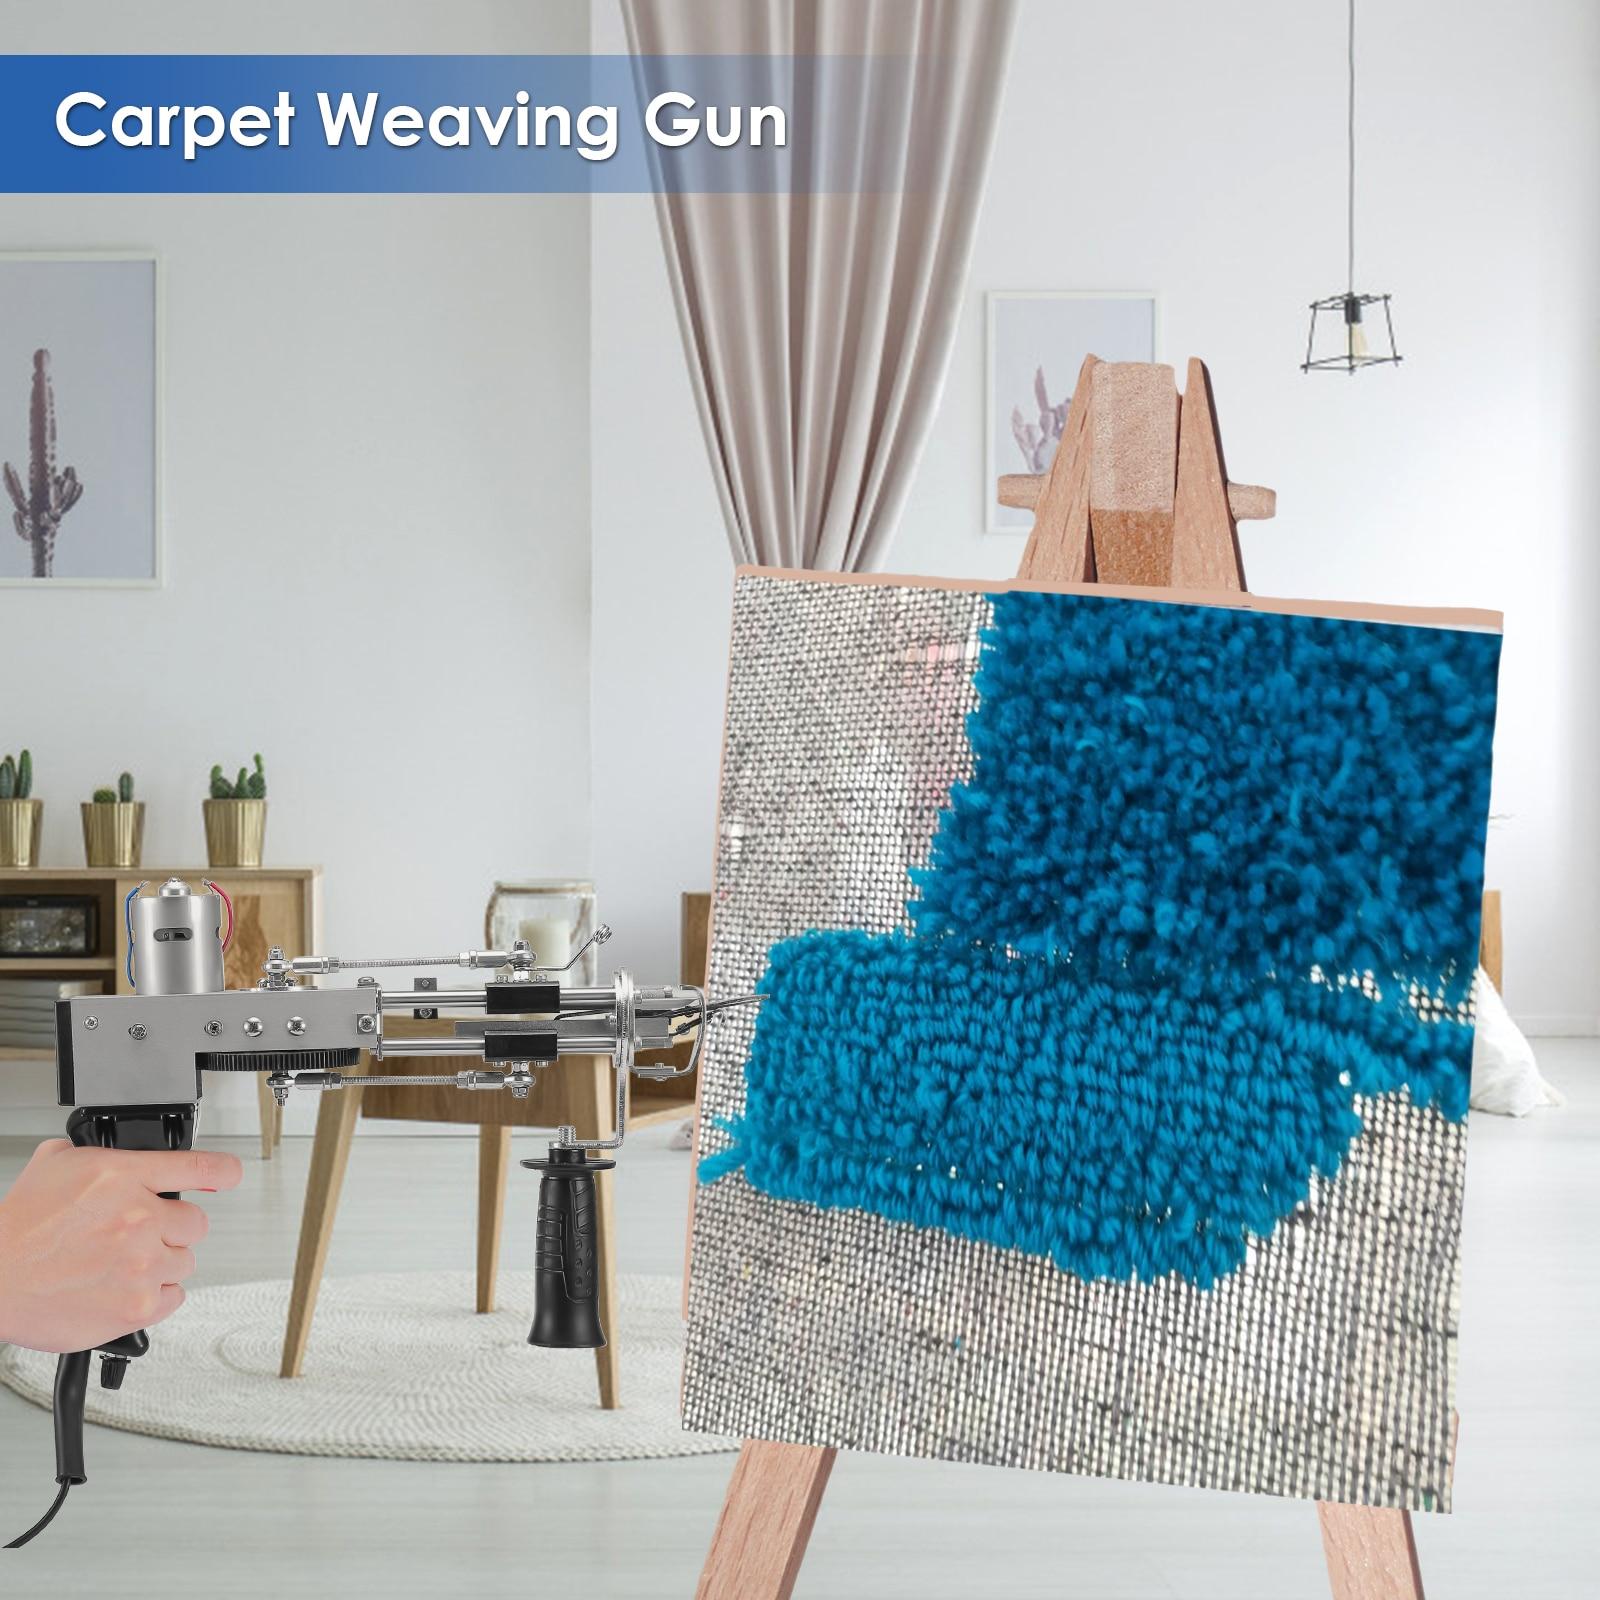 Electric Carpet Tufting Gun Carpet Weaving Machine Flocking Machine Industrial Embroidery Machine Cut Loop Pile Knitting Machine enlarge